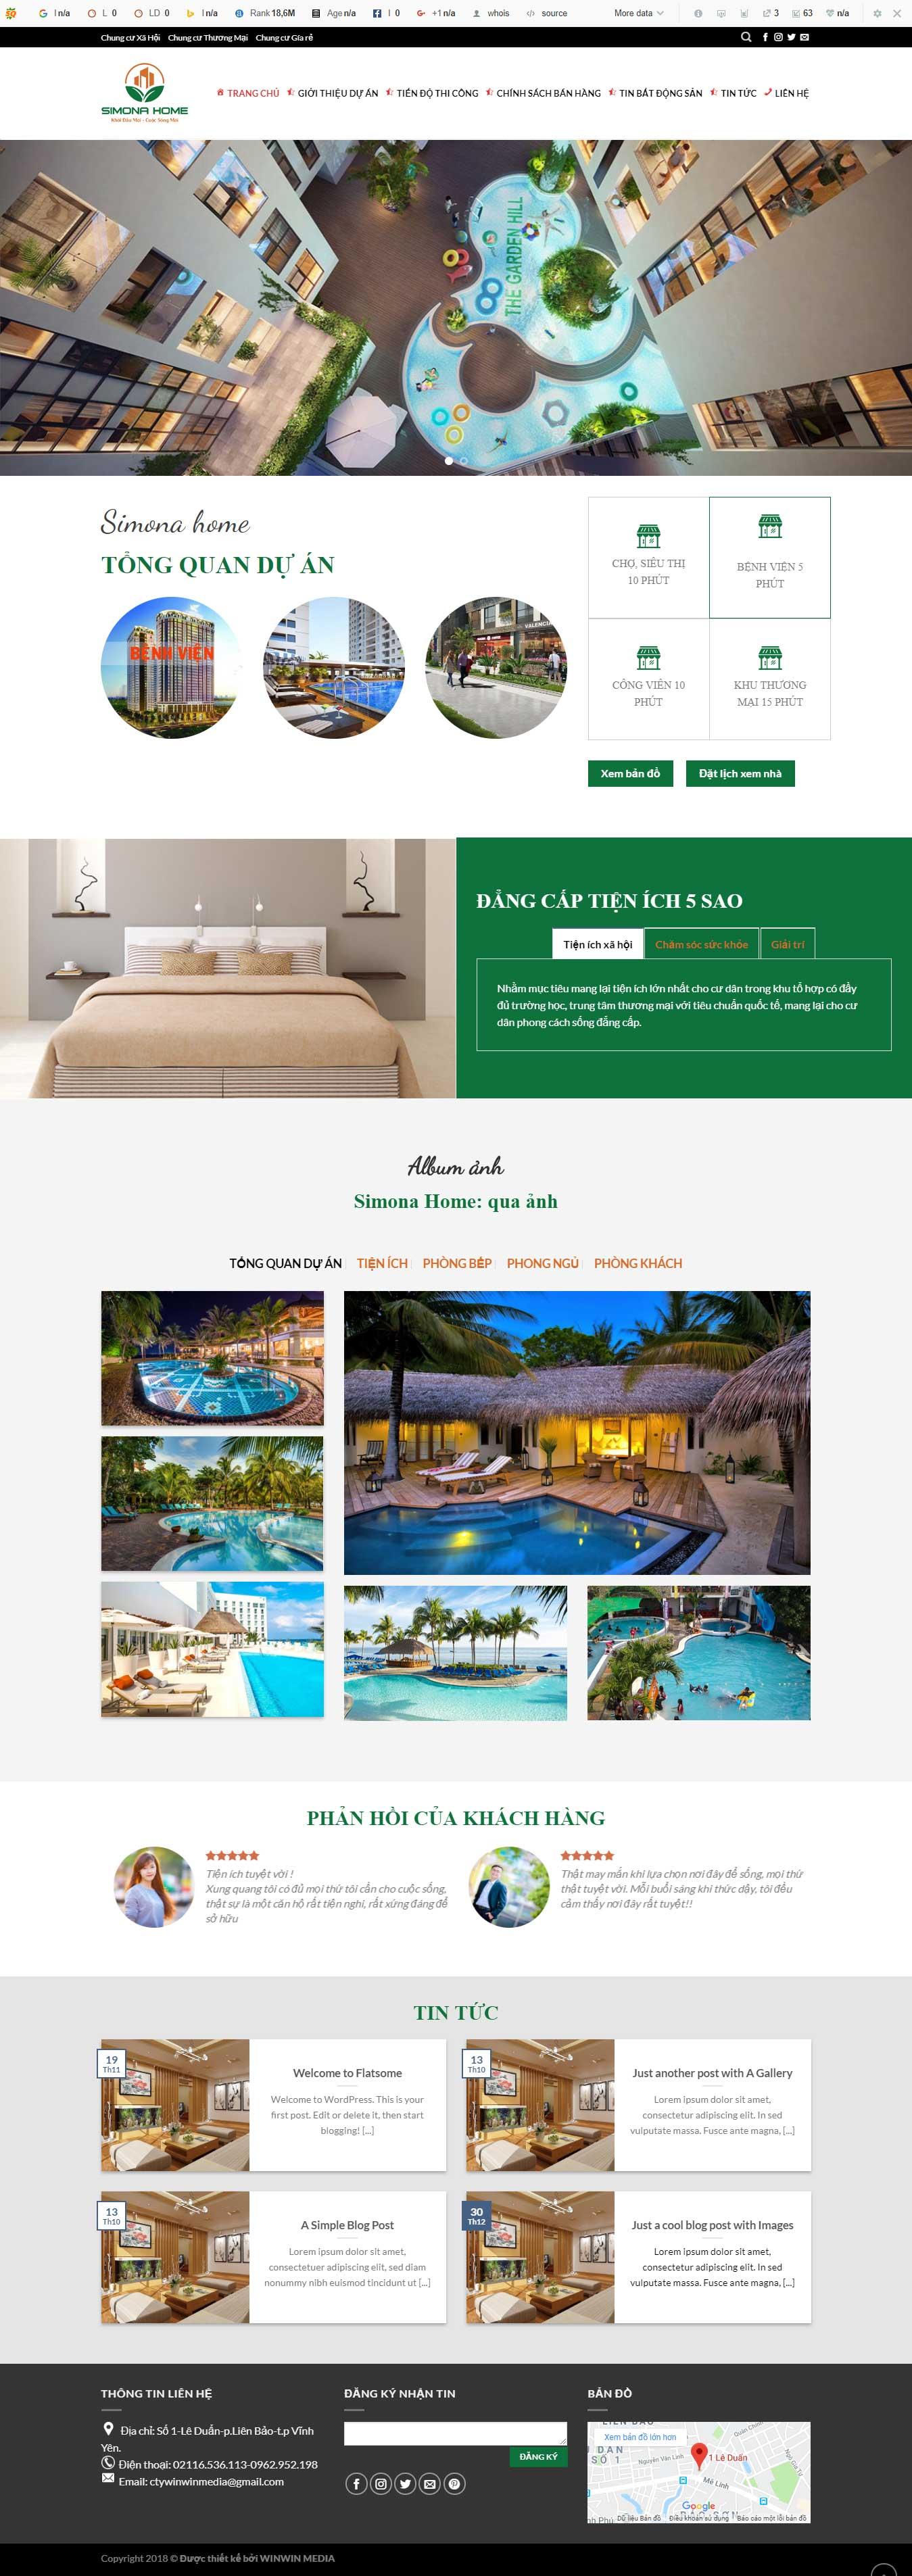 Mẫu website giới thiệu về bất động sản tại Vĩnh Phúc